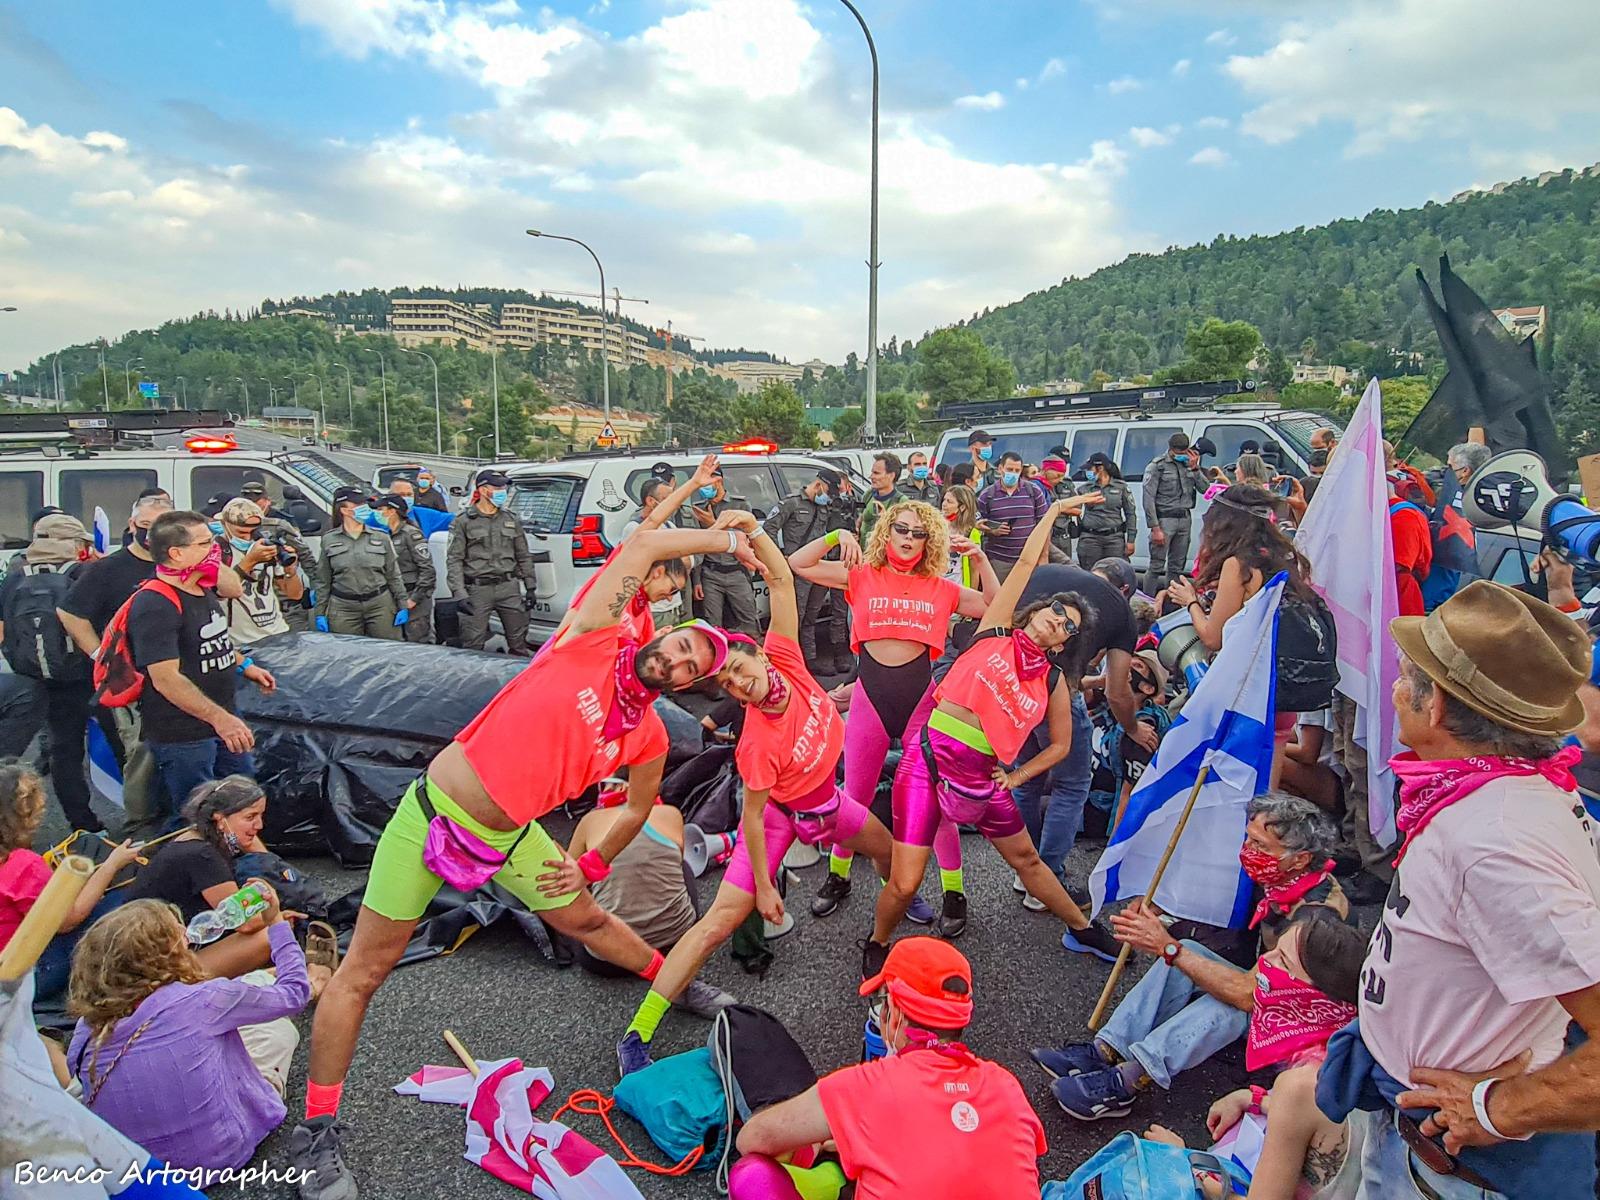 משטרת ישראל וצוללות מתנפחות, סיפור אהבה. צעדת הצוללות בשבת (צילום: בן כהן)